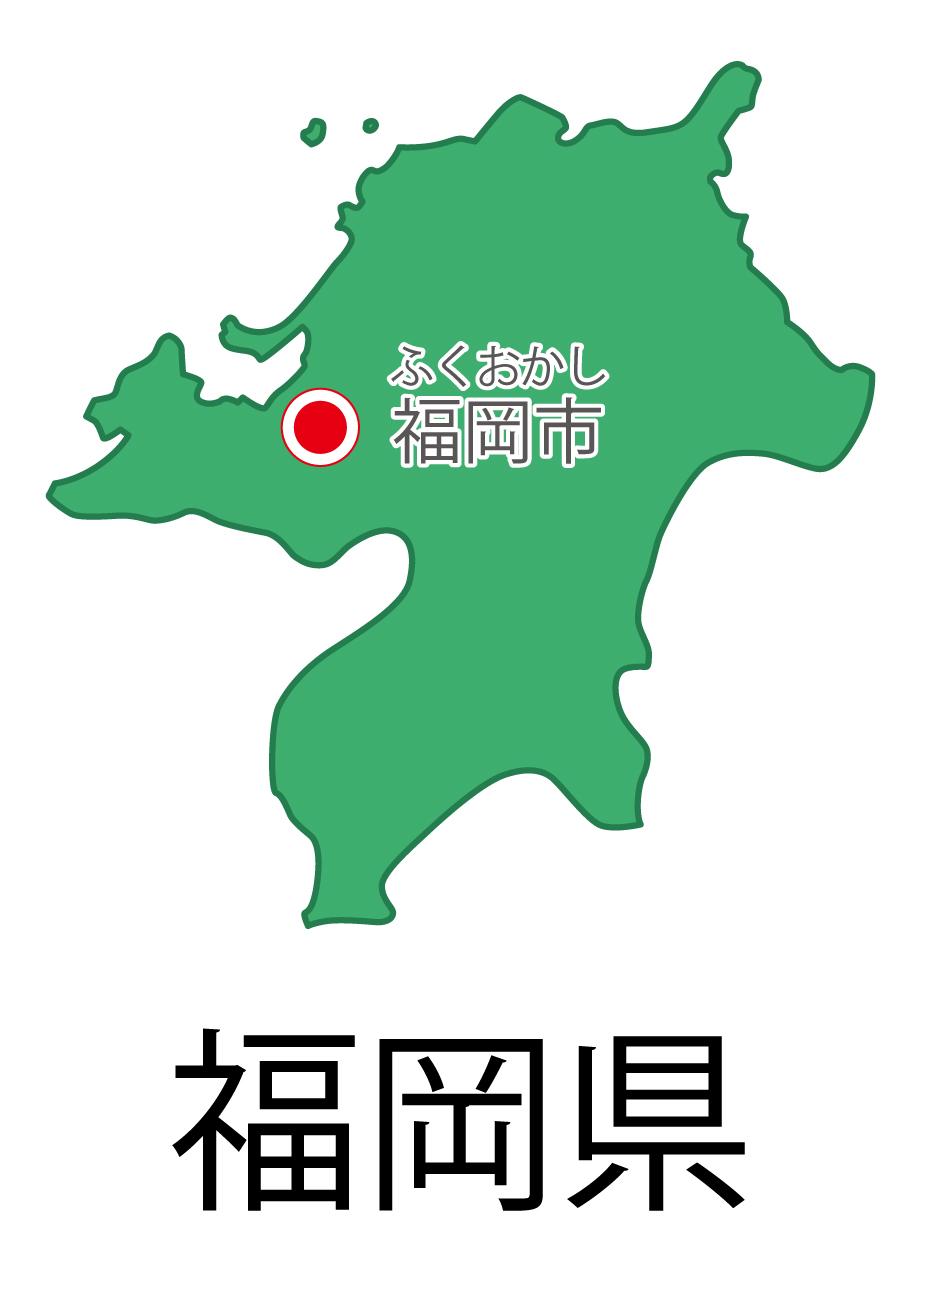 福岡県無料フリーイラスト|日本語・都道府県名あり・県庁所在地あり・ルビあり(緑)